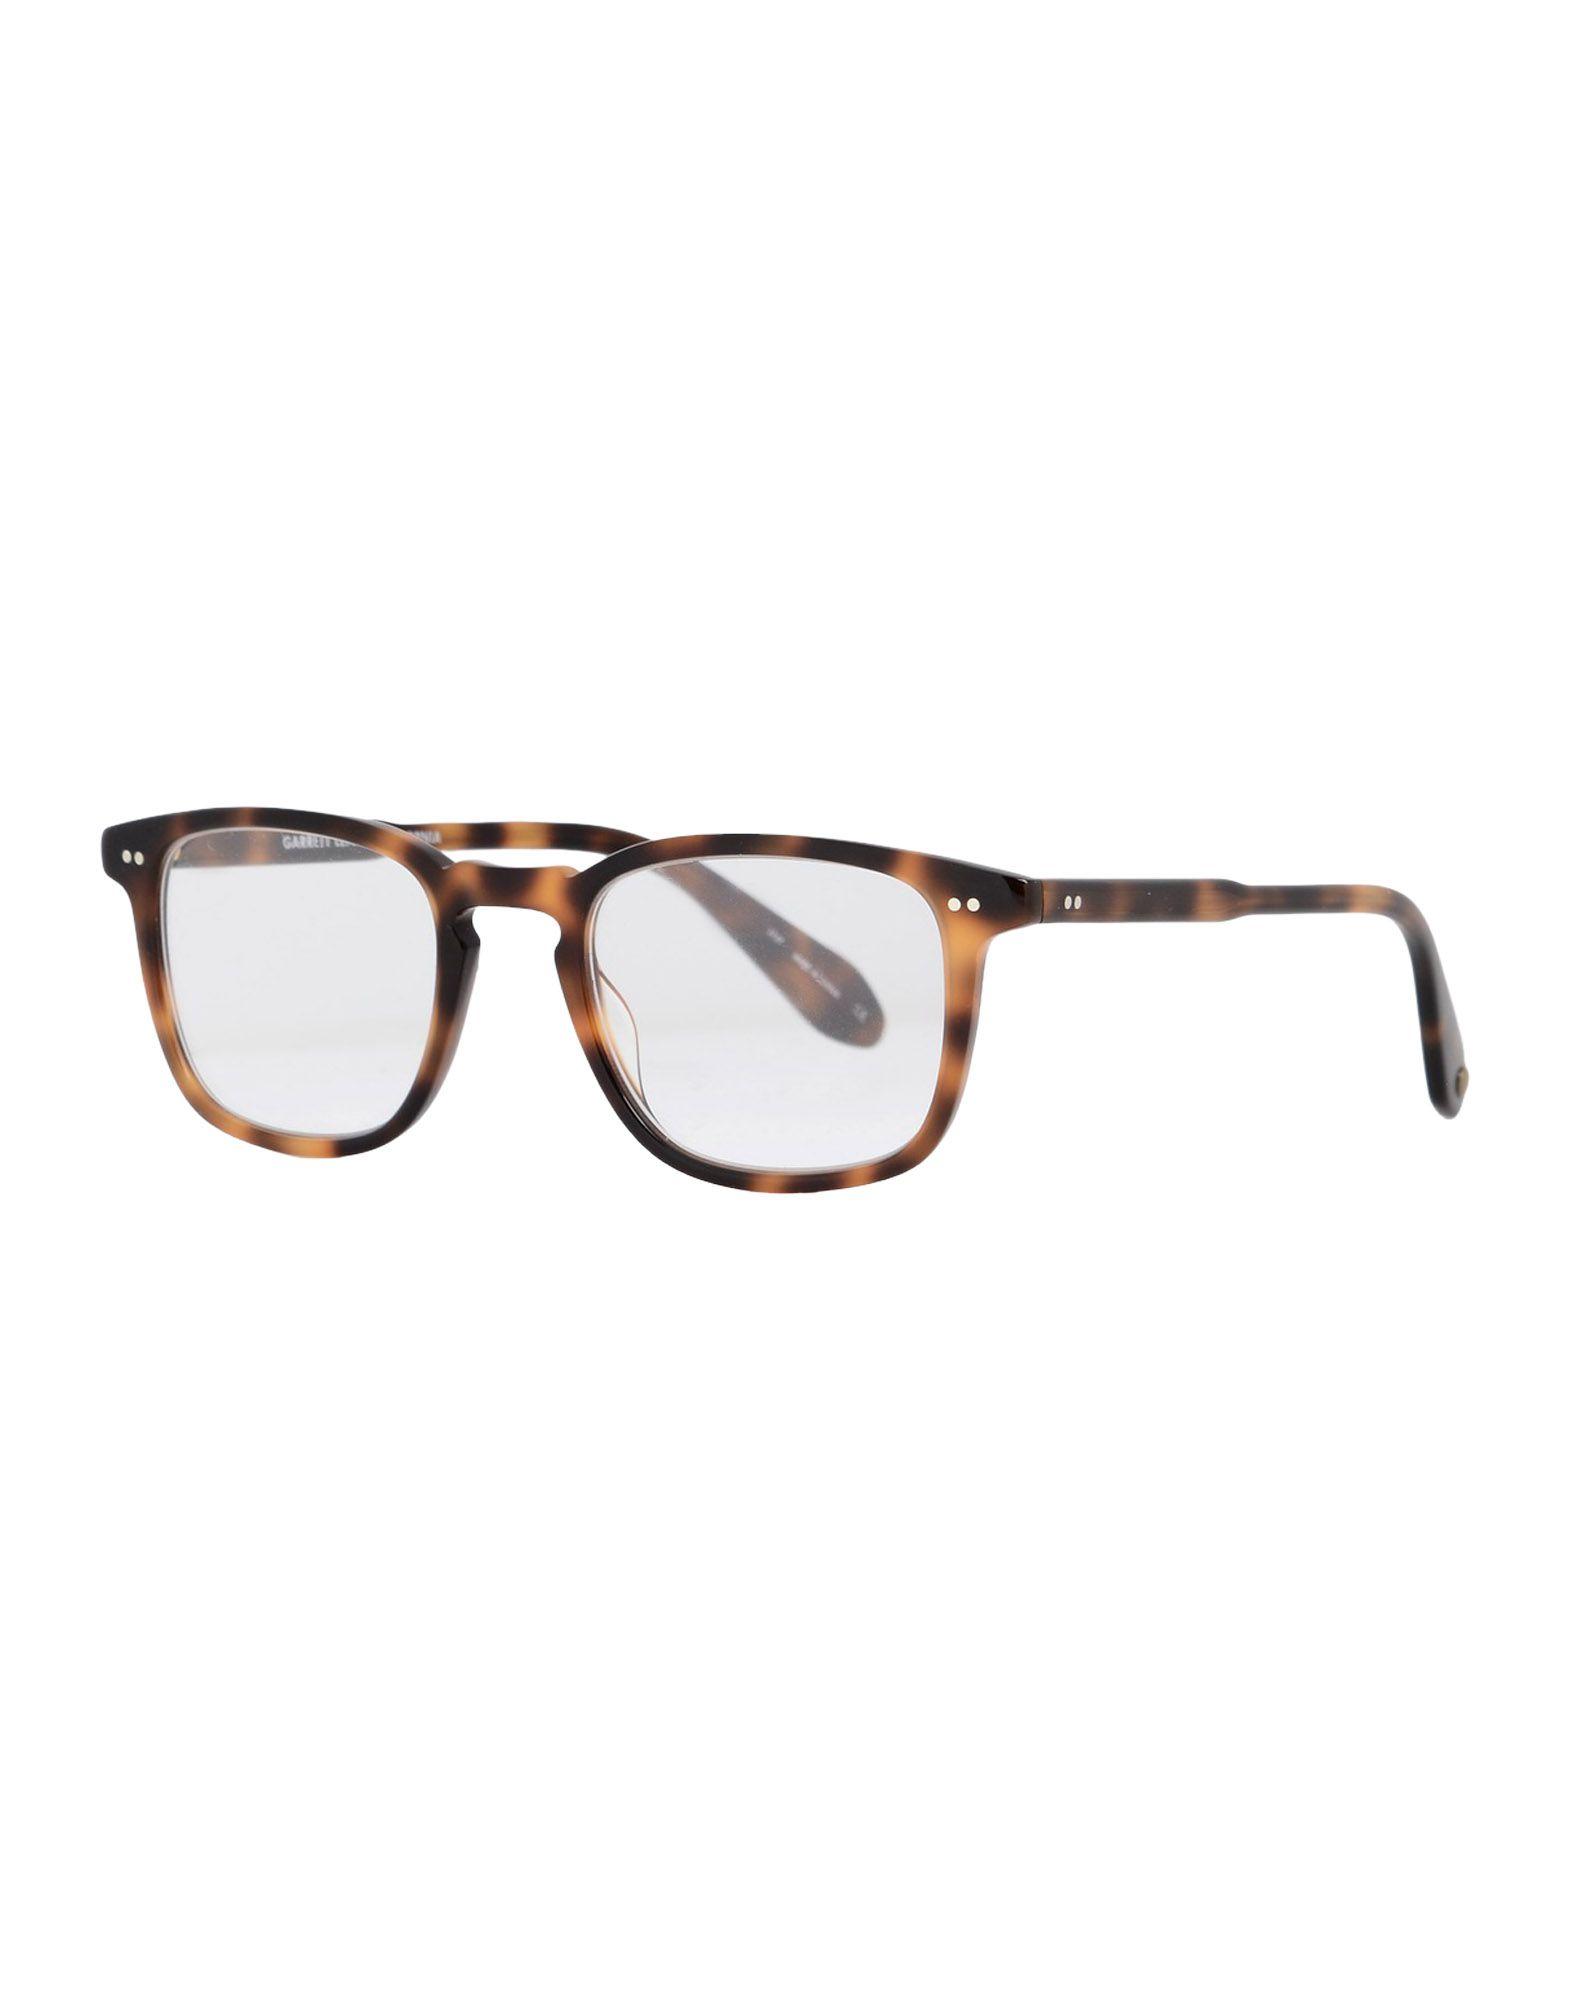 GARRETT LEIGHT CALIFORNIA OPTICAL Herren Brille Farbe Braun Größe 1